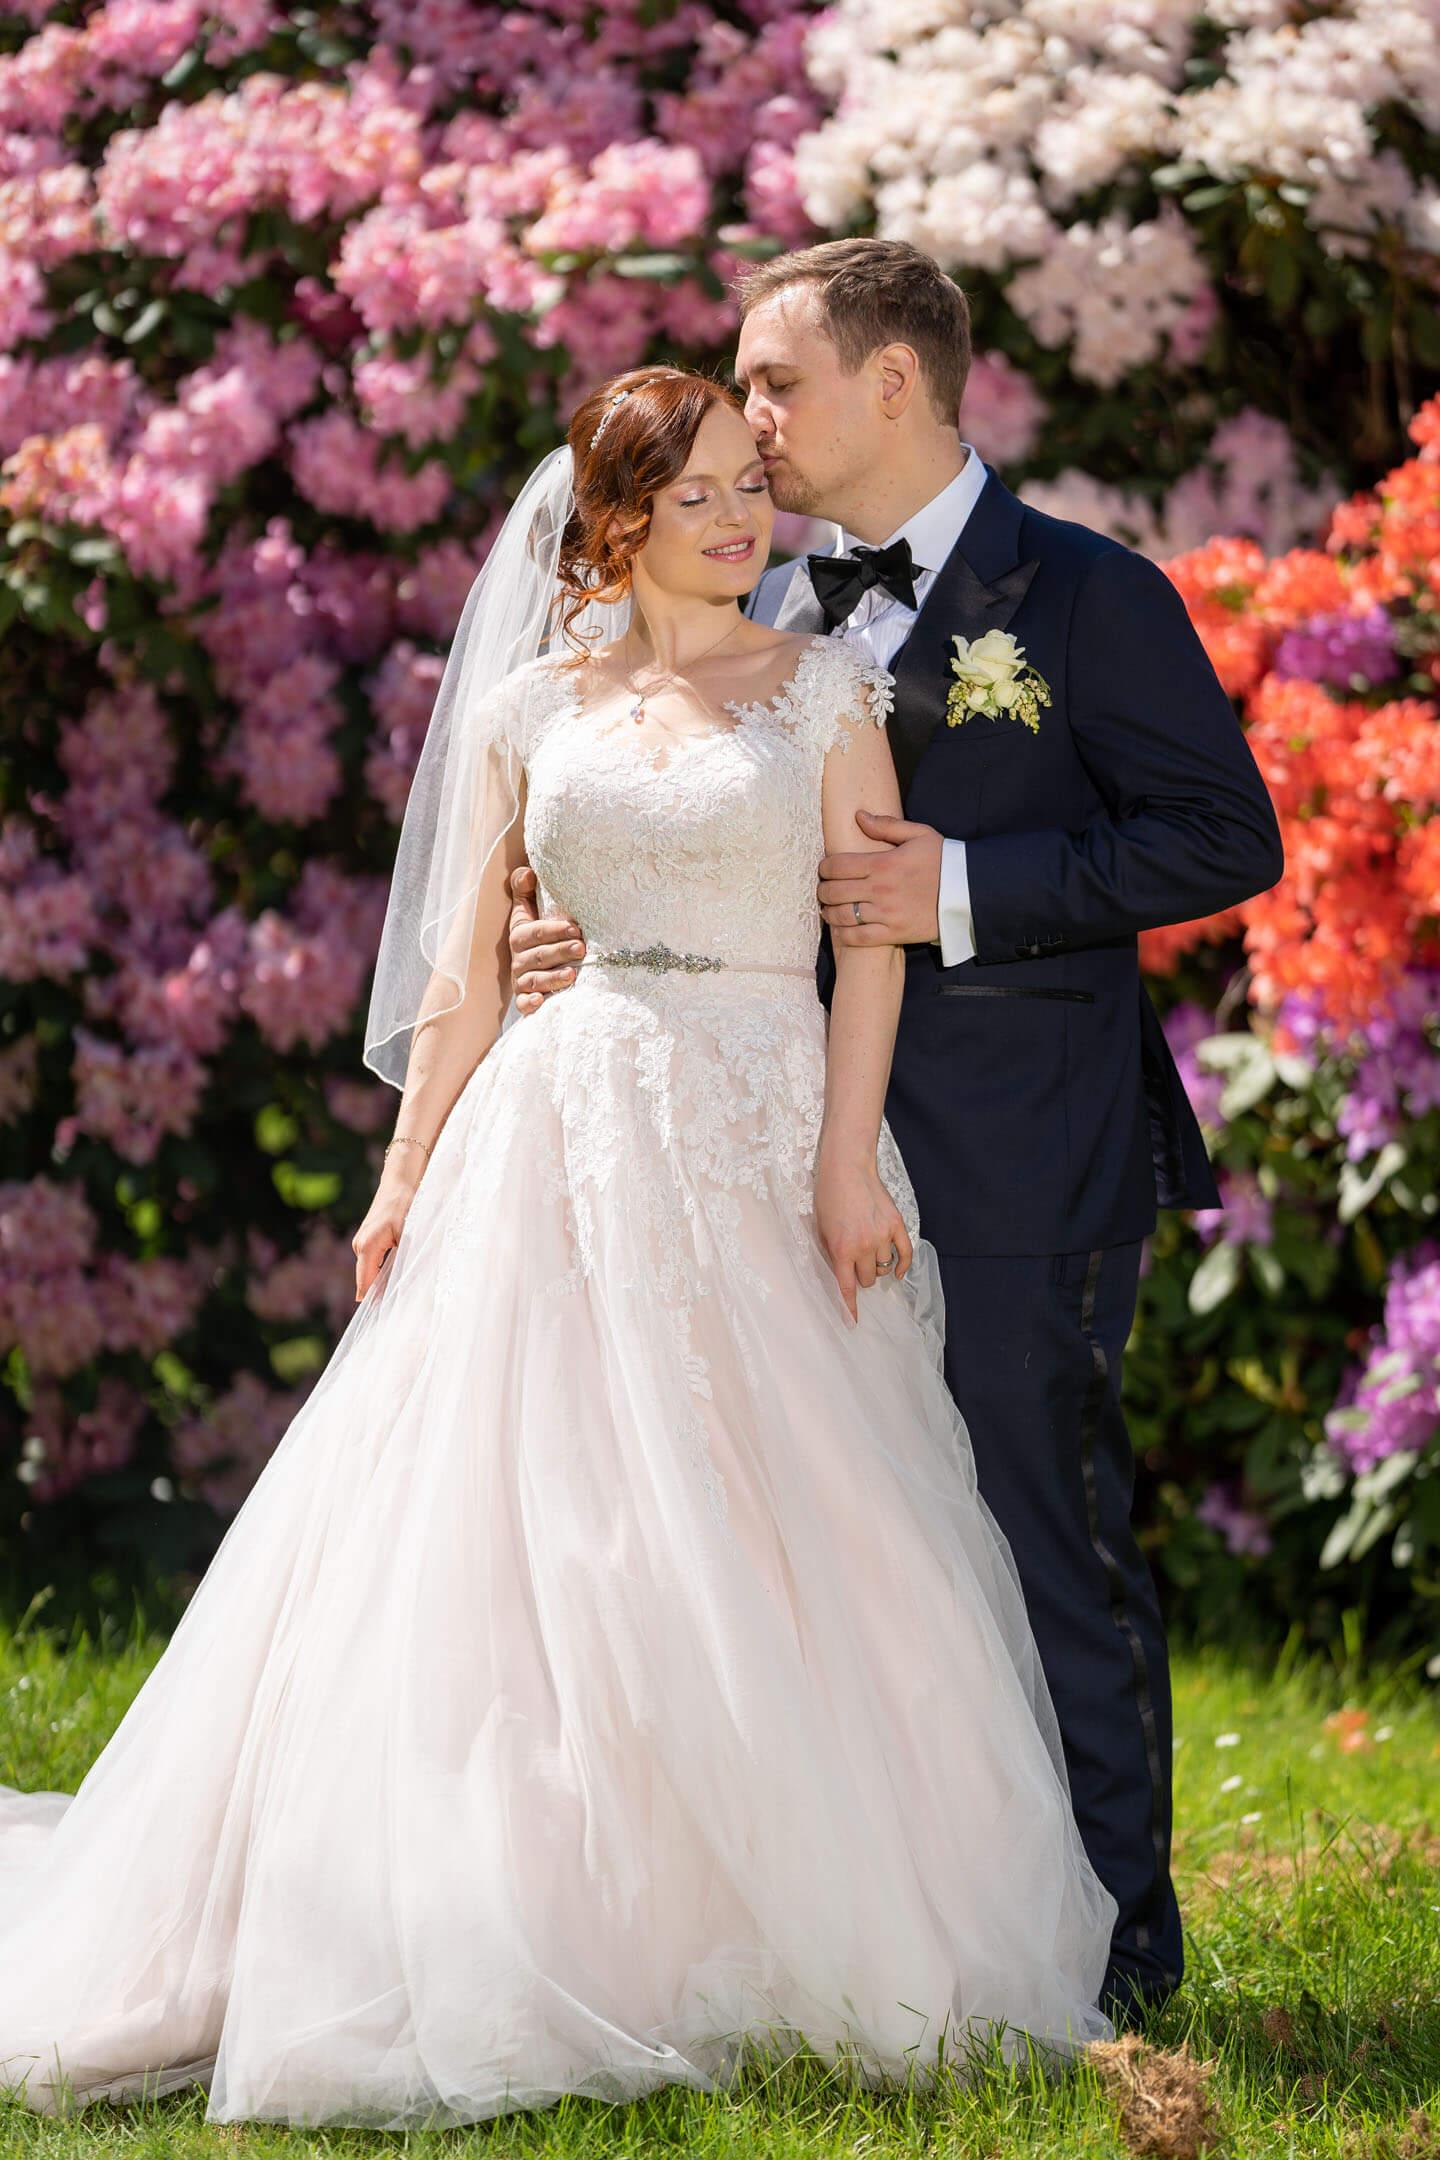 Hochzeitsgfoto klassisch.